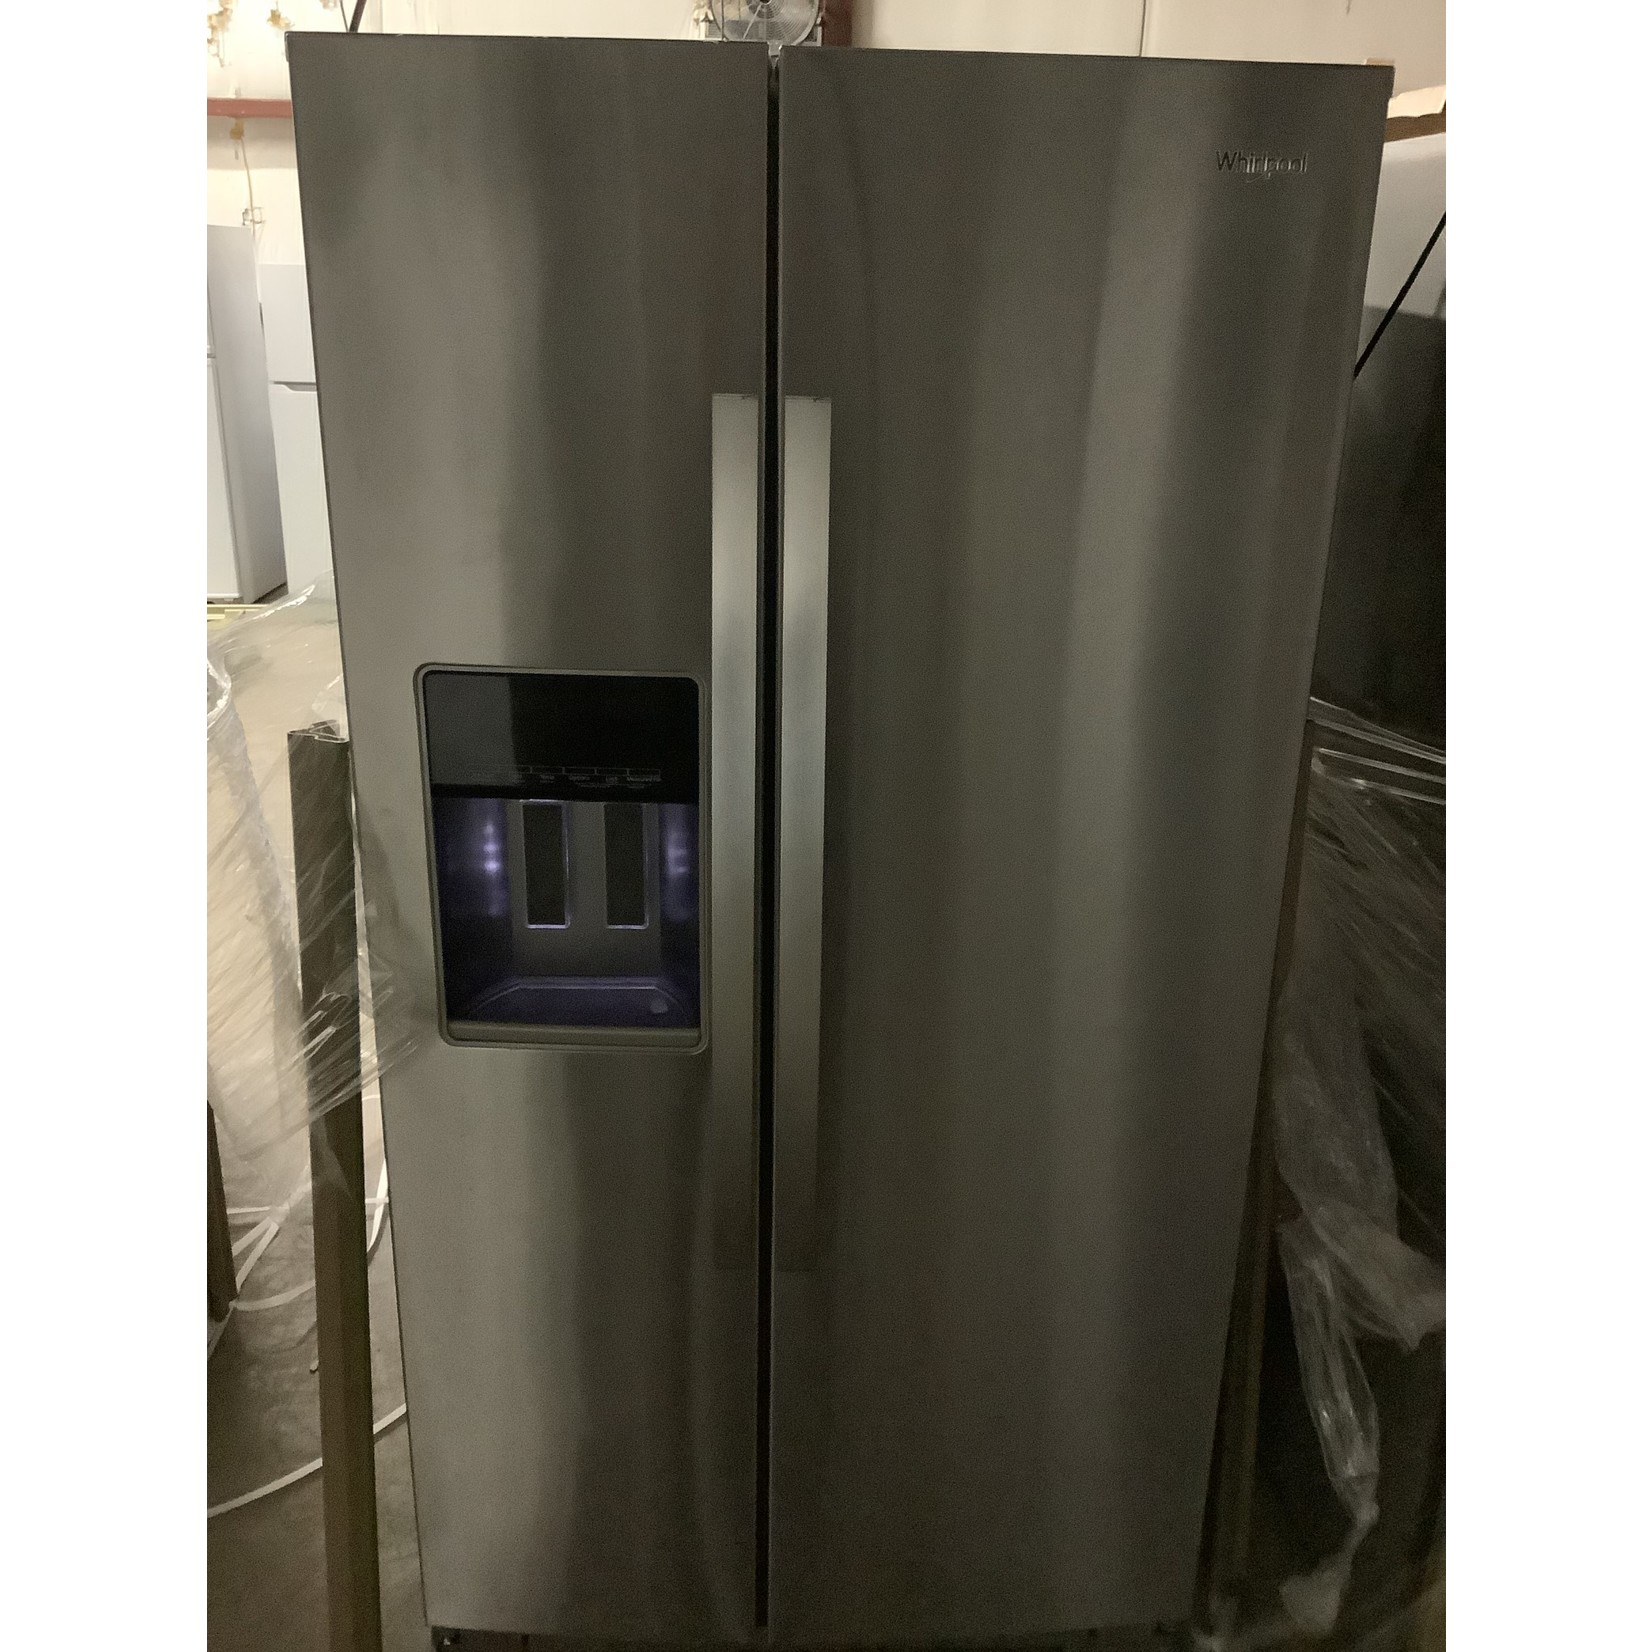 Whirlpool Wp refrigerator